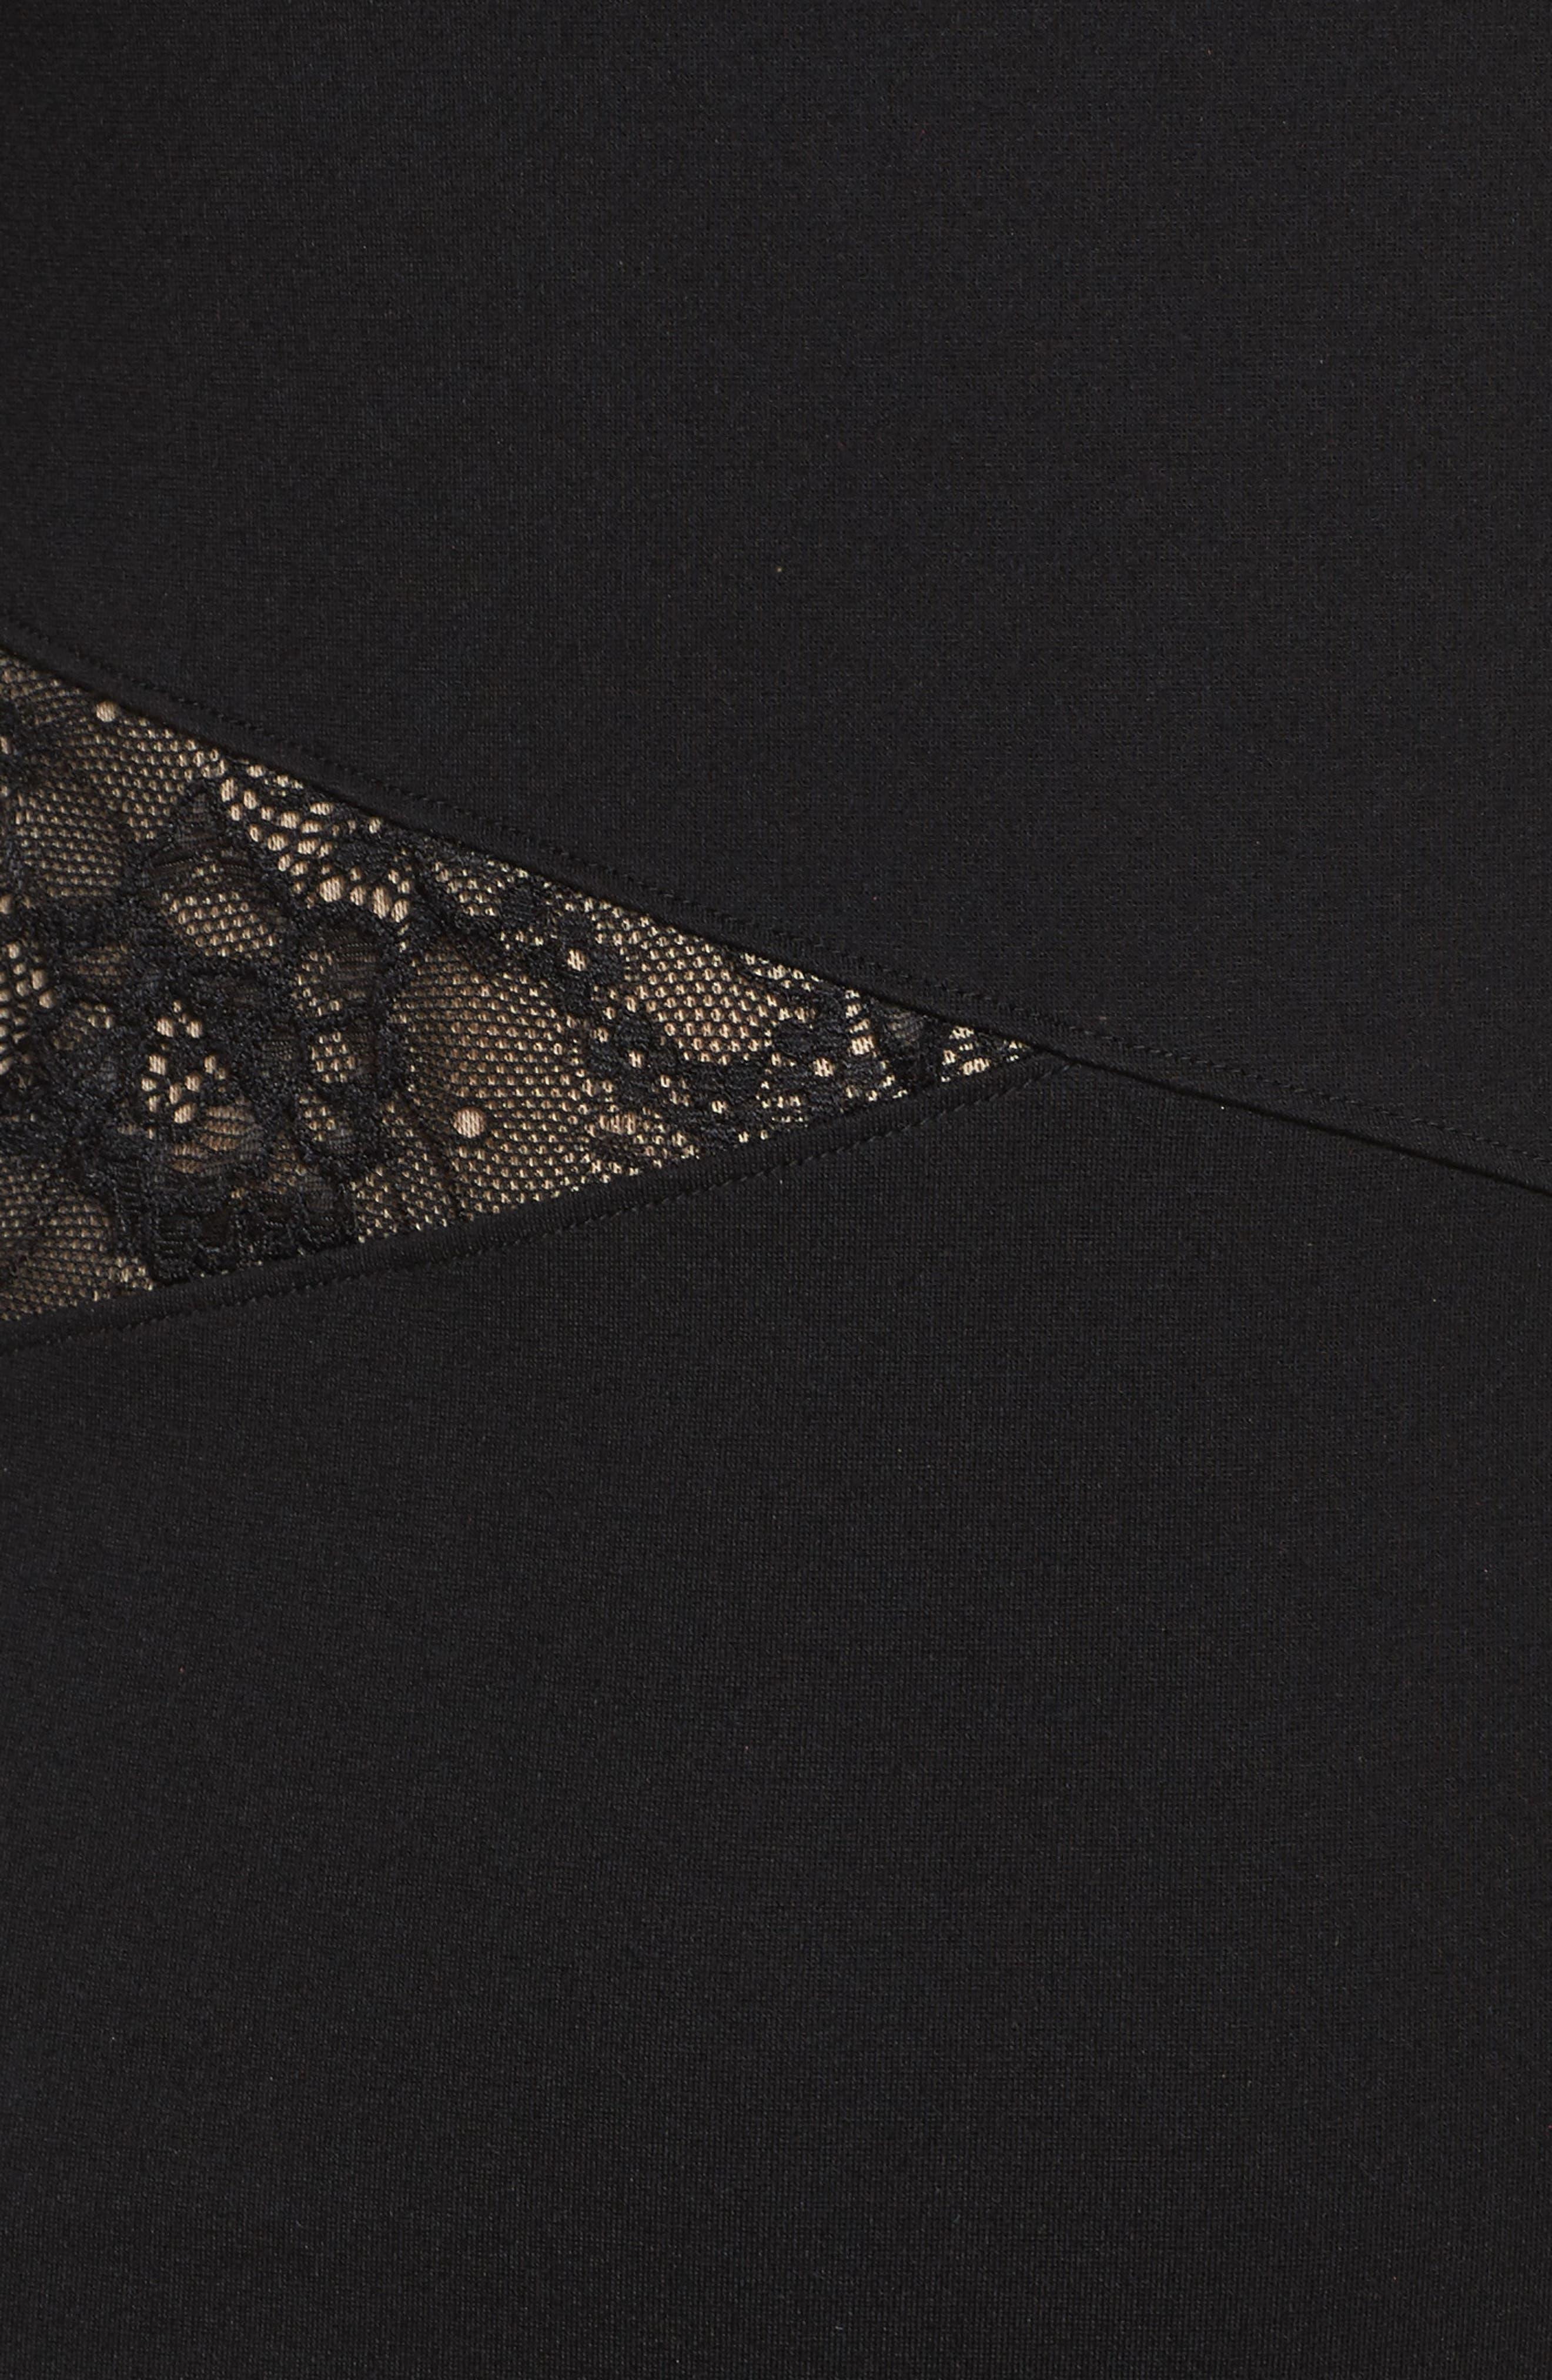 L'Arc Ponte Knit Fit & Flare Dress,                             Alternate thumbnail 5, color,                             001